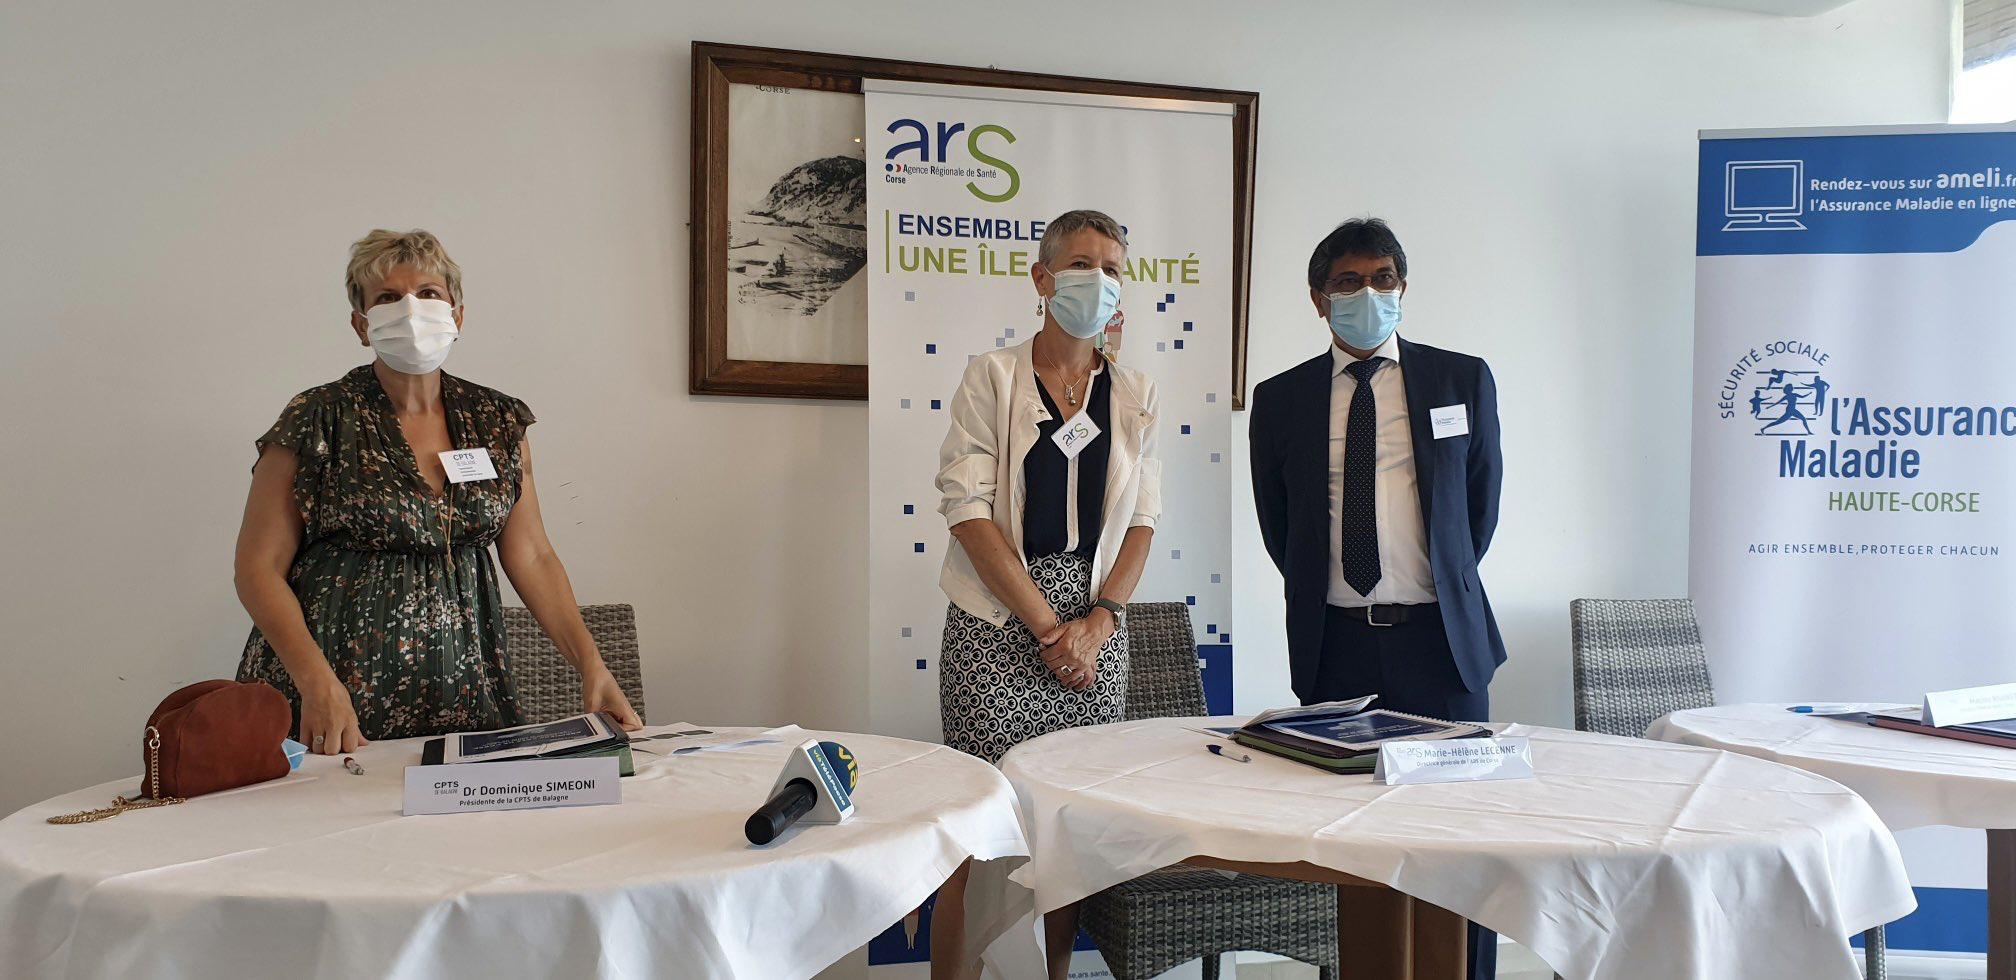 Dominique Simeoni, présidente de la CPTS aux côtés de la directrice de l'ARS et du directeur de l'assurance maladie.